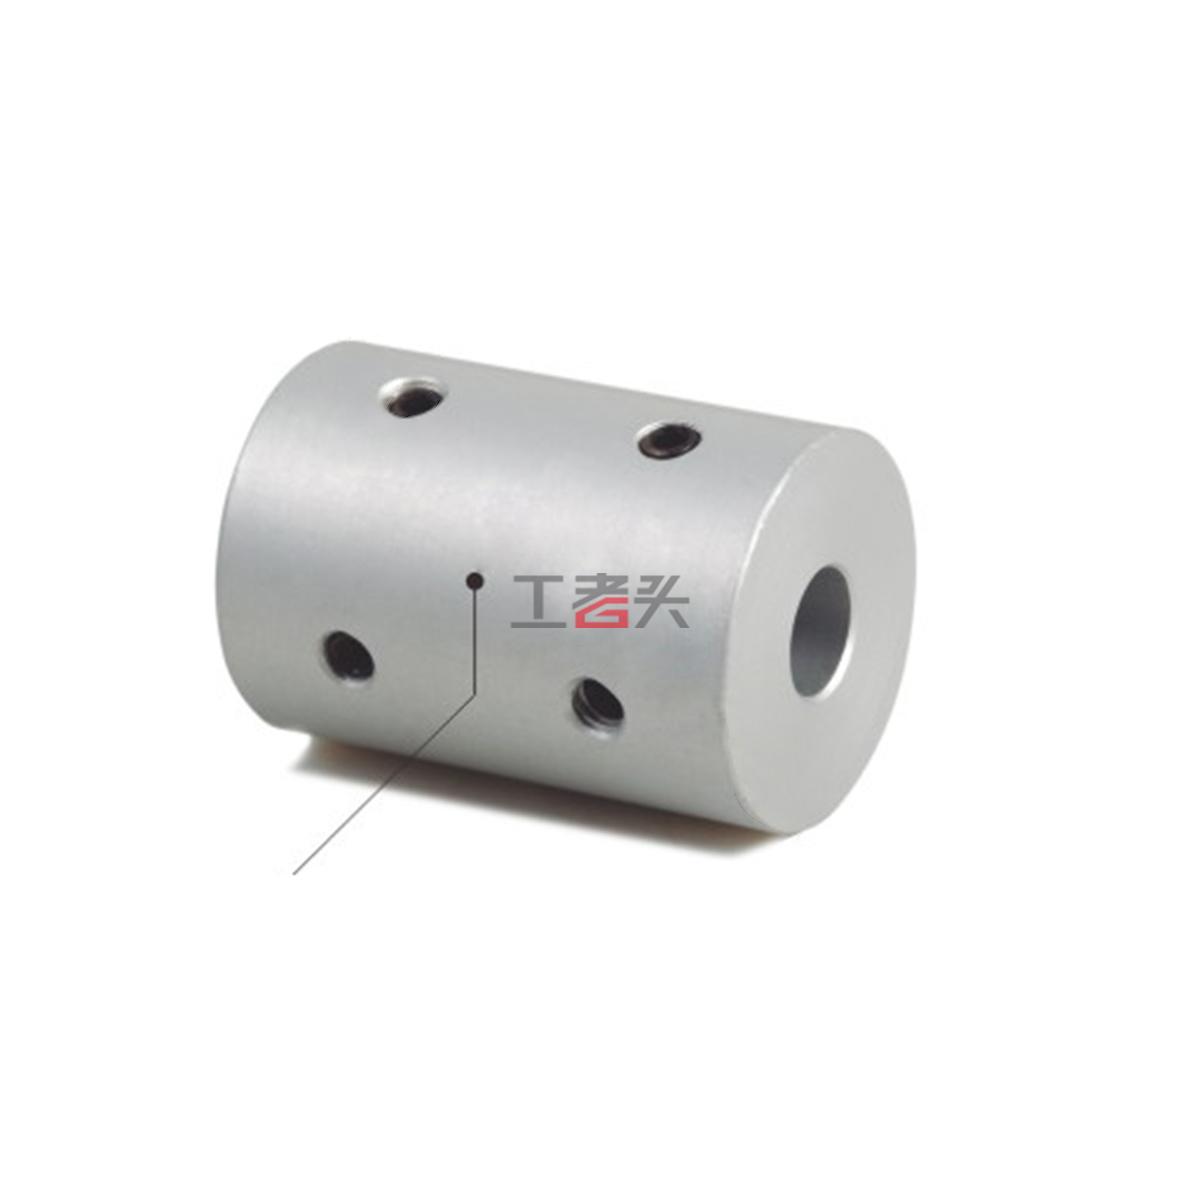 卡普菱 刚性联轴器LK13-16-D1D2